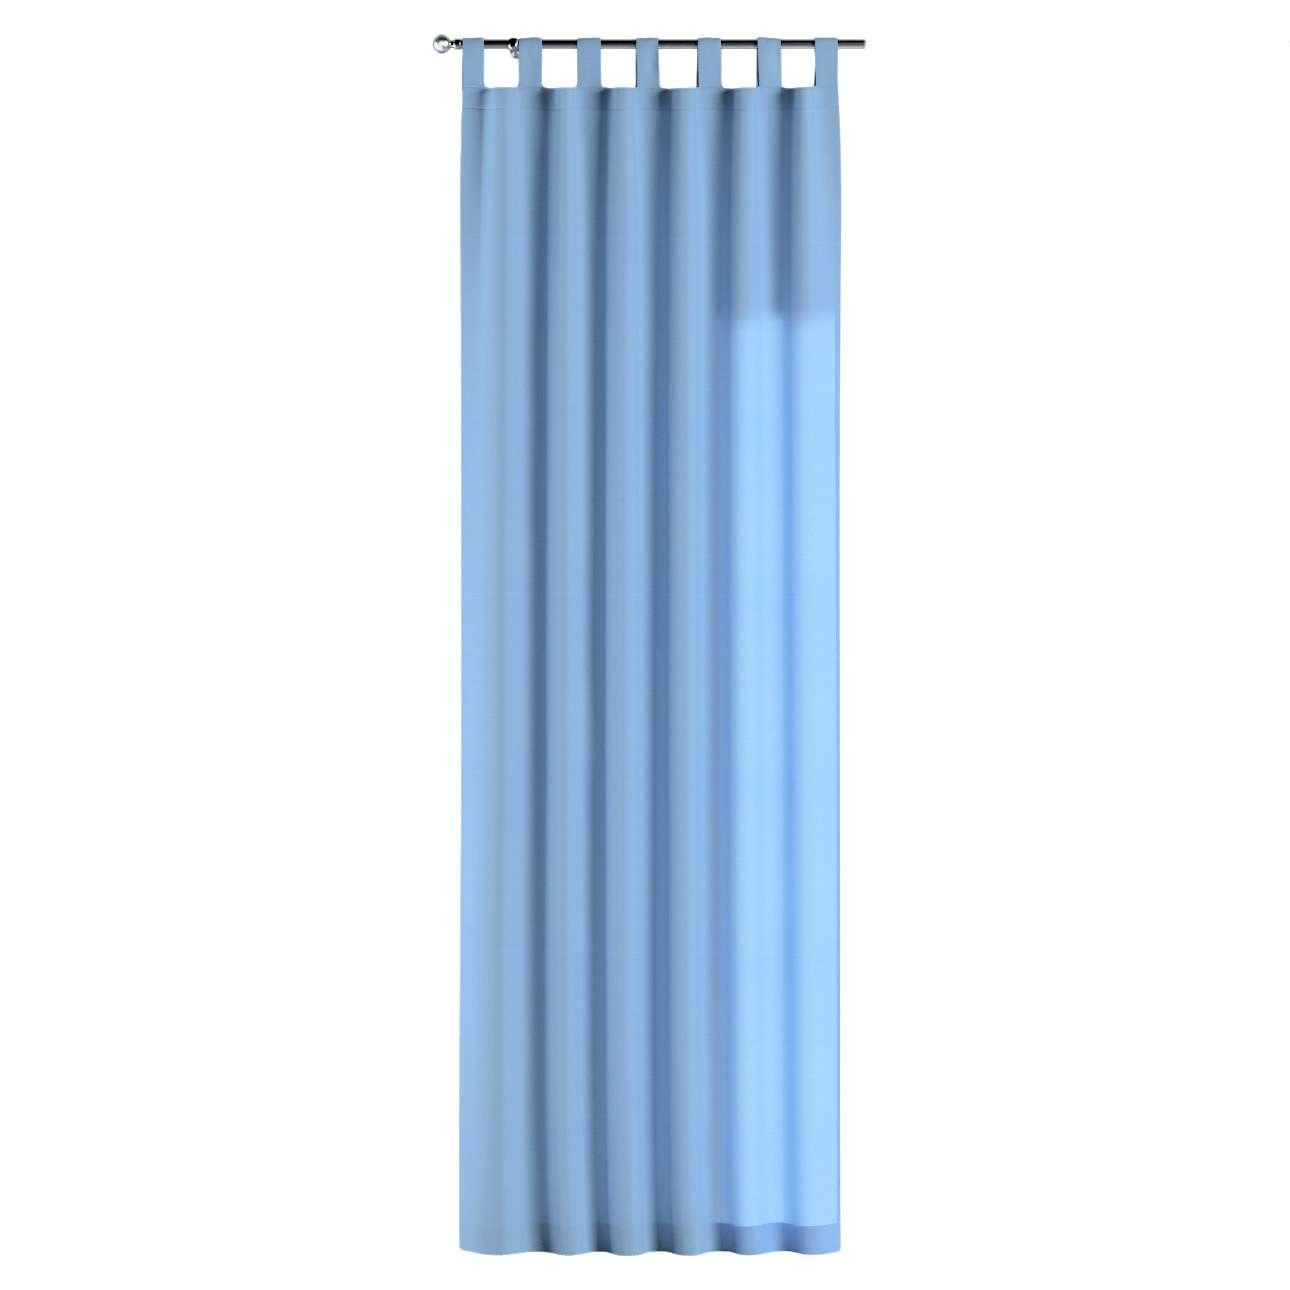 Zasłona na szelkach 1 szt. w kolekcji Loneta, tkanina: 133-21